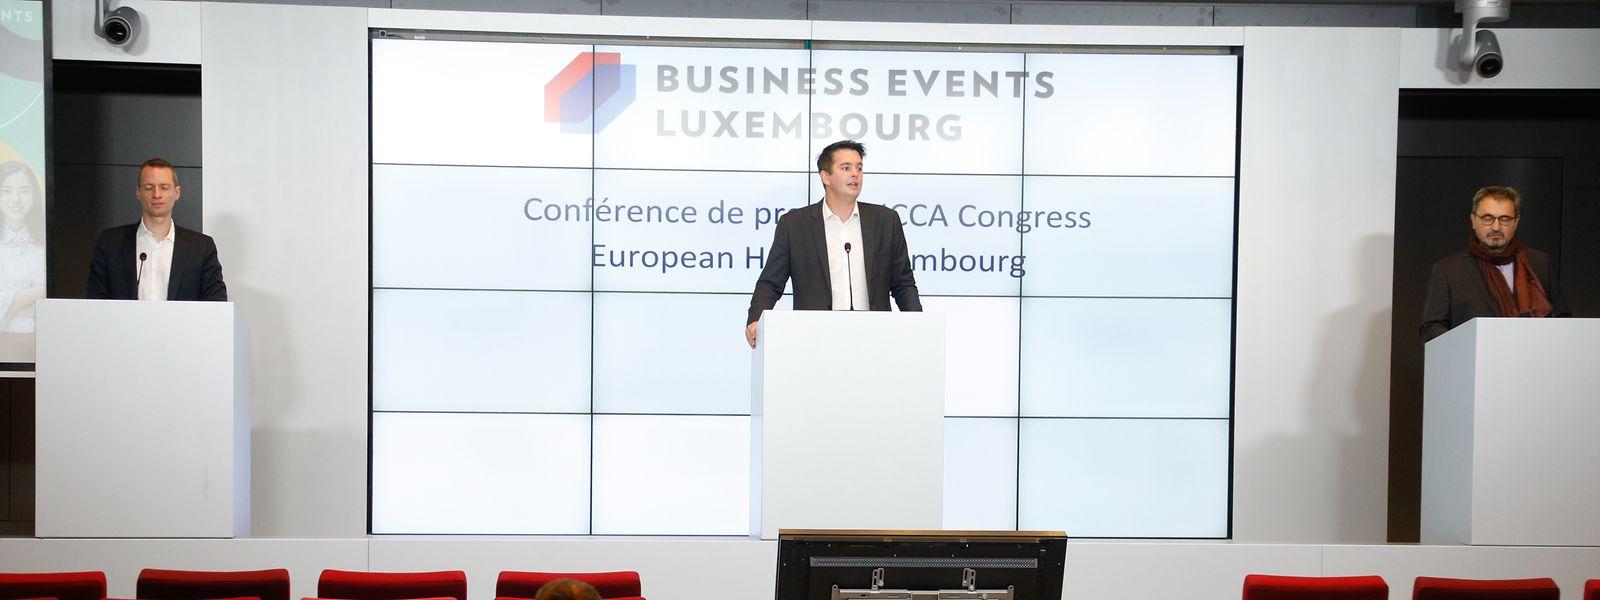 """Wollen Luxemburg als Veranstaltungsort etablieren: Serge Wilmes, erster Schöffe der Stadt Luxemburg, Mittelstandsminister Lex Delles, François Lafont, Chef des """"Luxembourg Convention Bureau"""" (von links nach rechts)"""